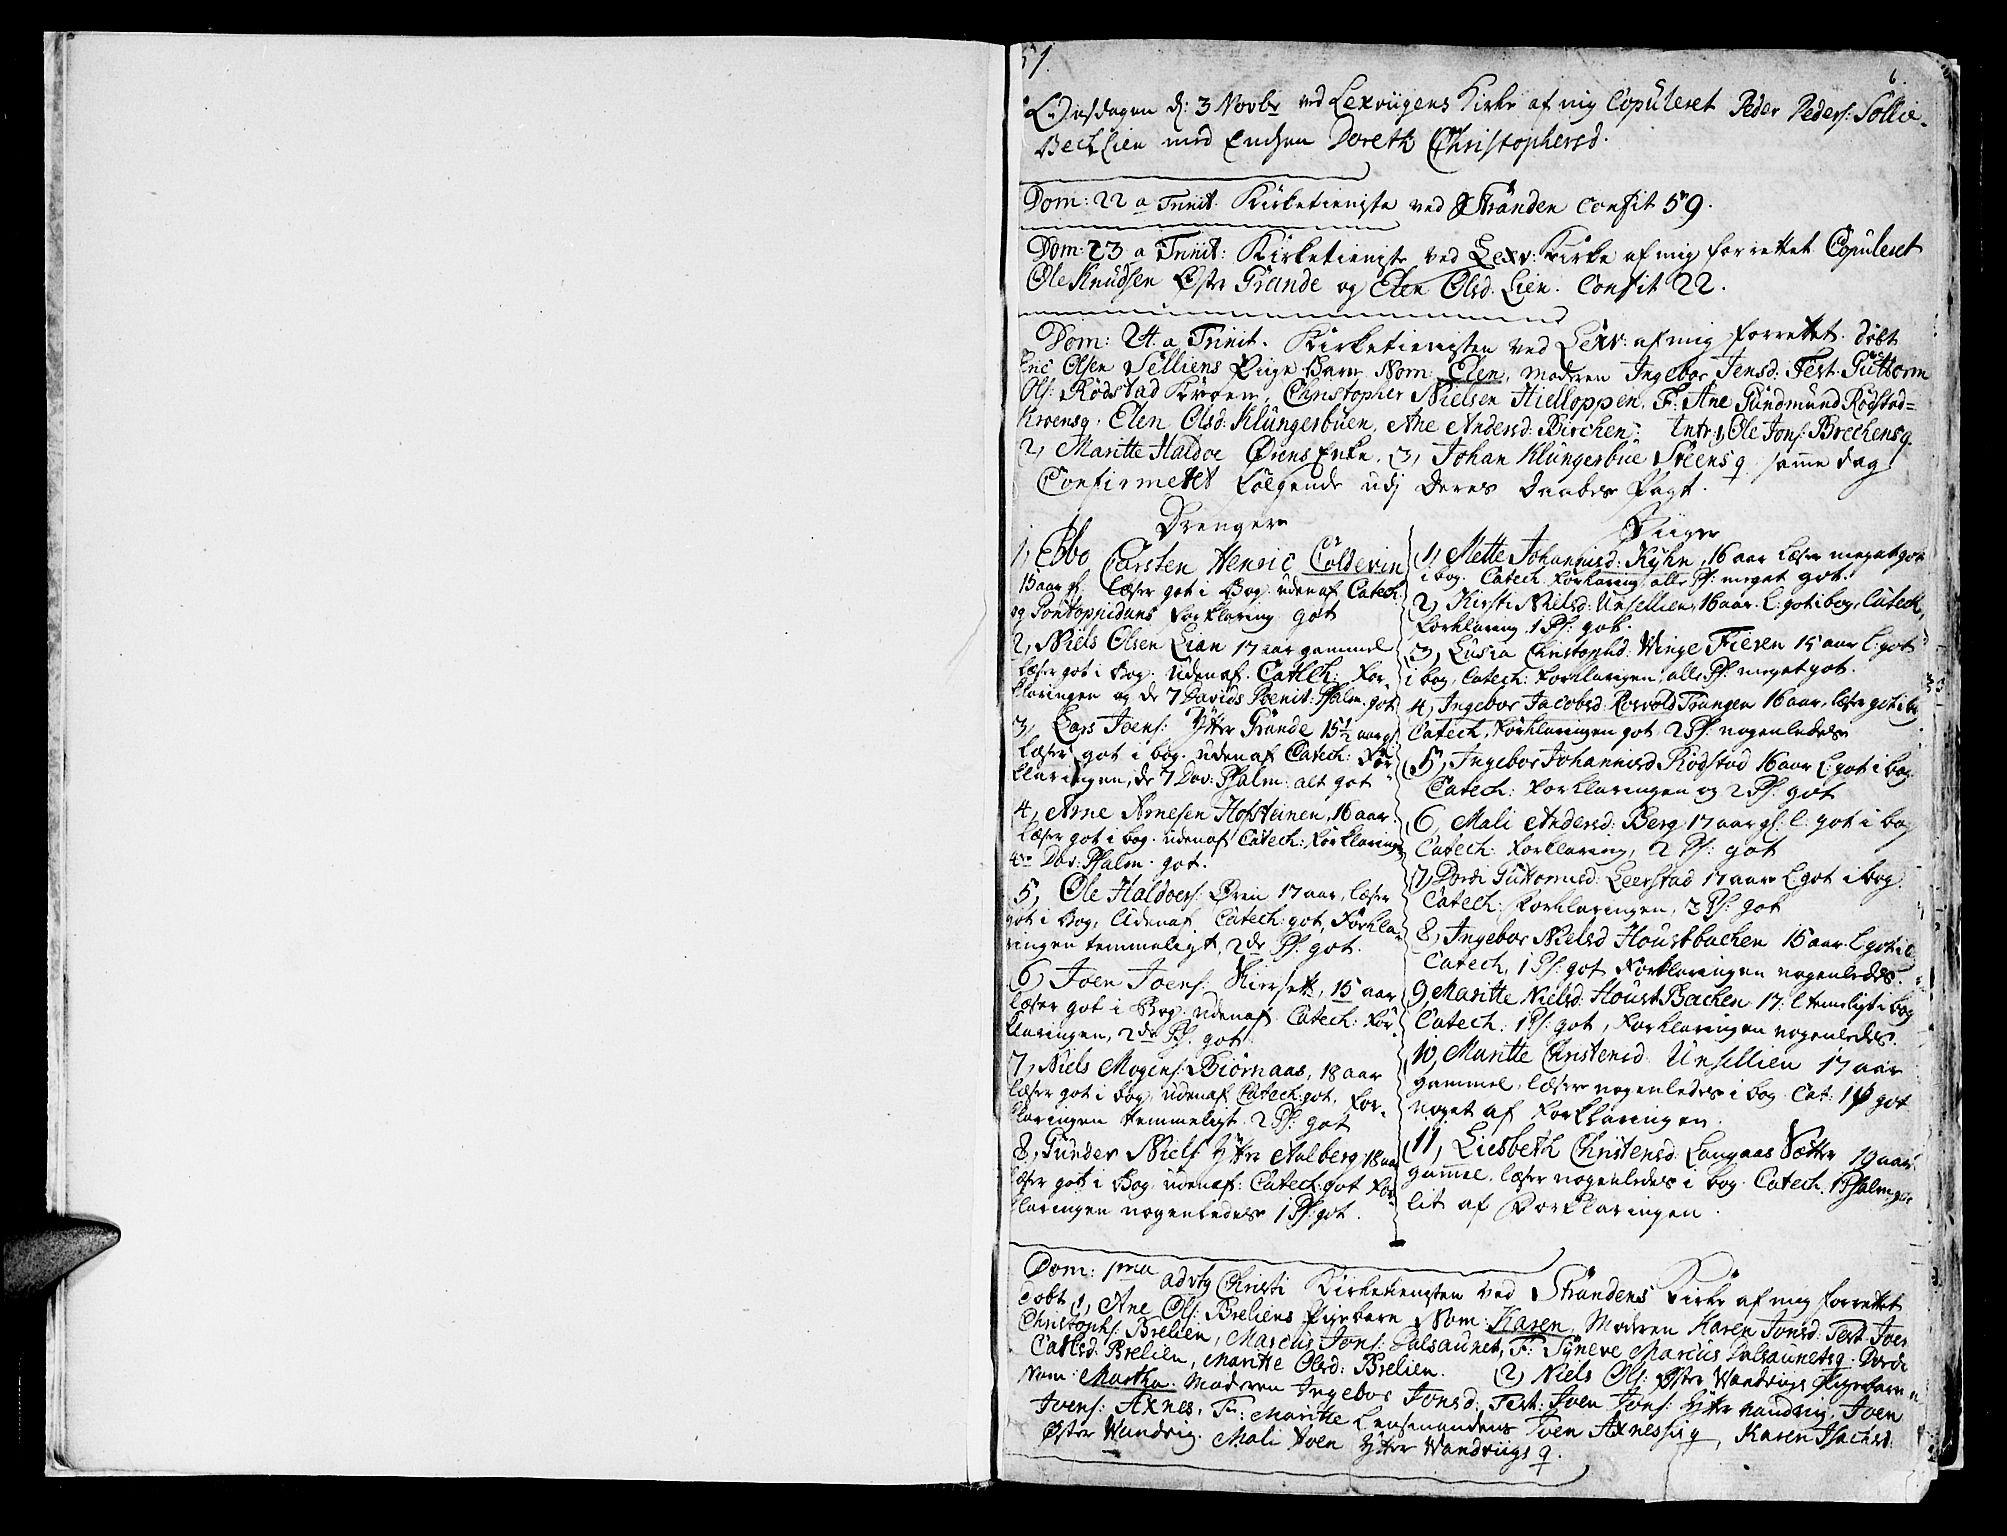 SAT, Ministerialprotokoller, klokkerbøker og fødselsregistre - Nord-Trøndelag, 701/L0003: Parish register (official) no. 701A03, 1751-1783, p. 6